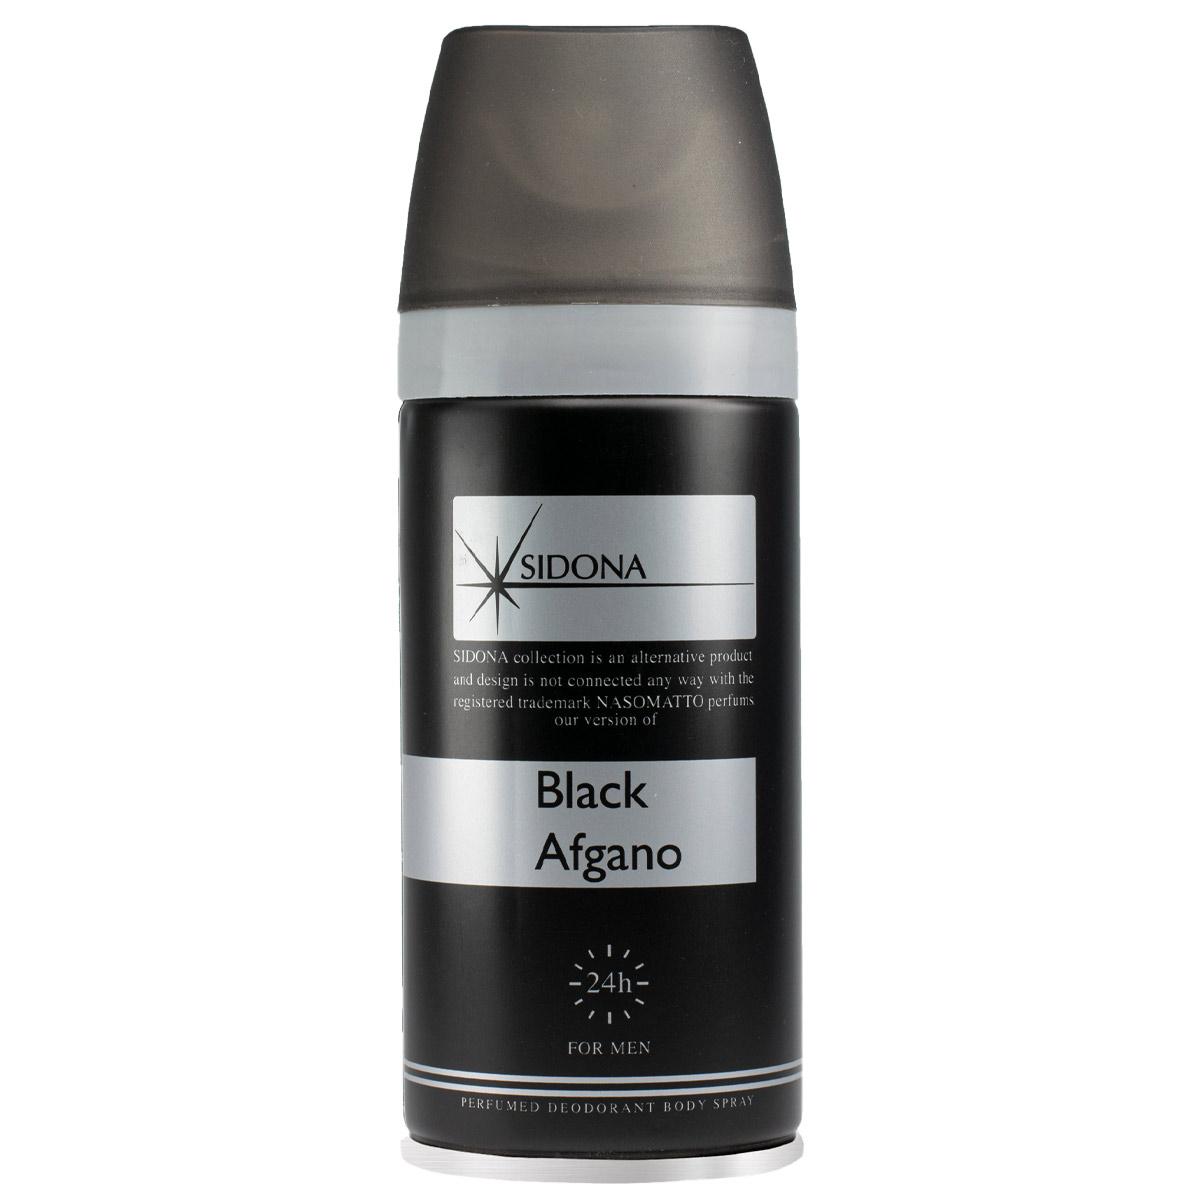 اسپری خوشبو کننده بدن مردانه سیدونا مدل Black Afgano حجم 150 میلی لیتر